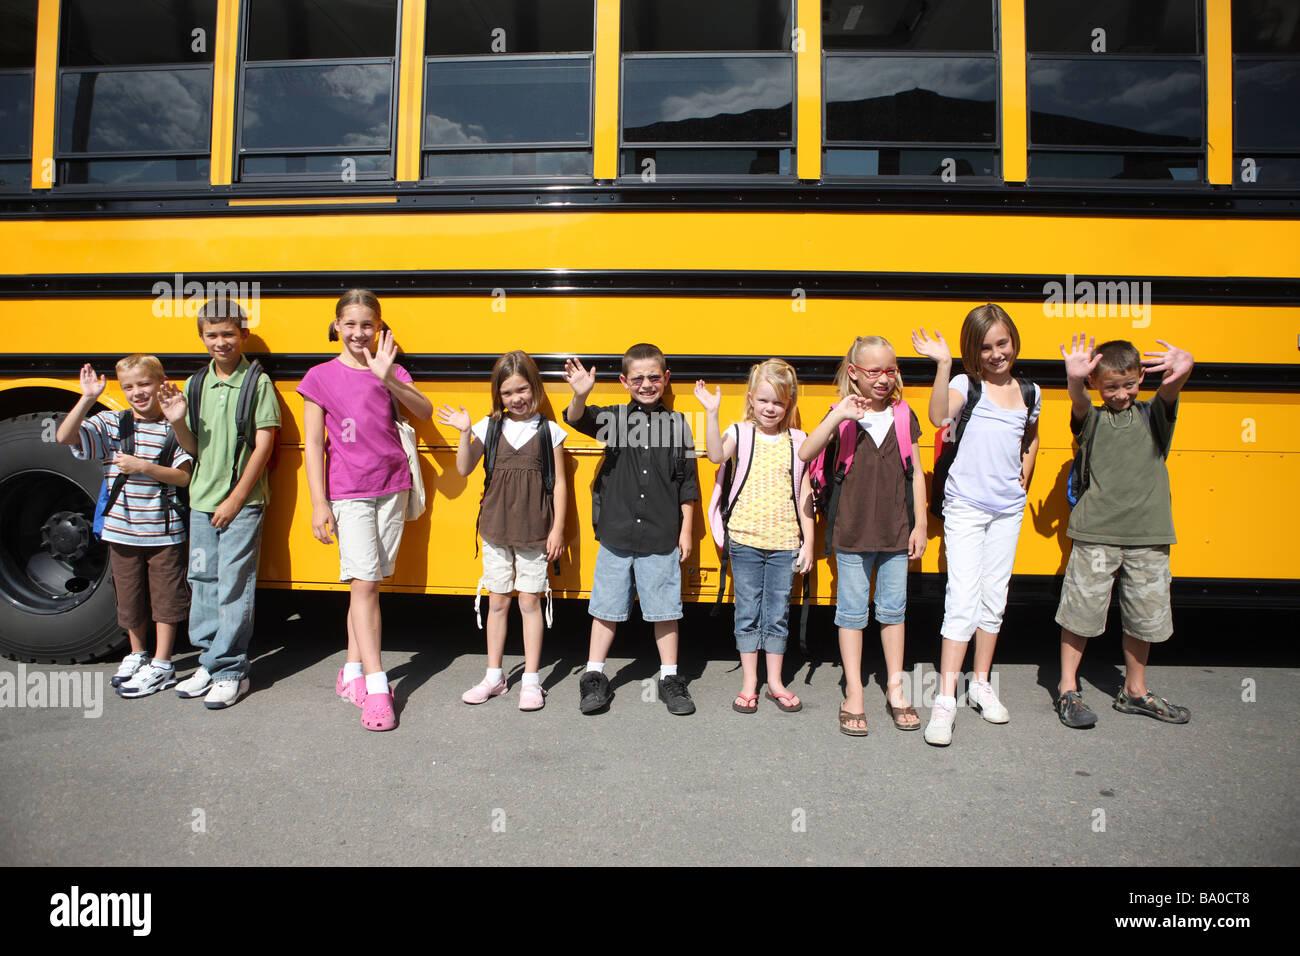 Grupo de niños de escuela en la parte delantera del autobús escolar Imagen De Stock